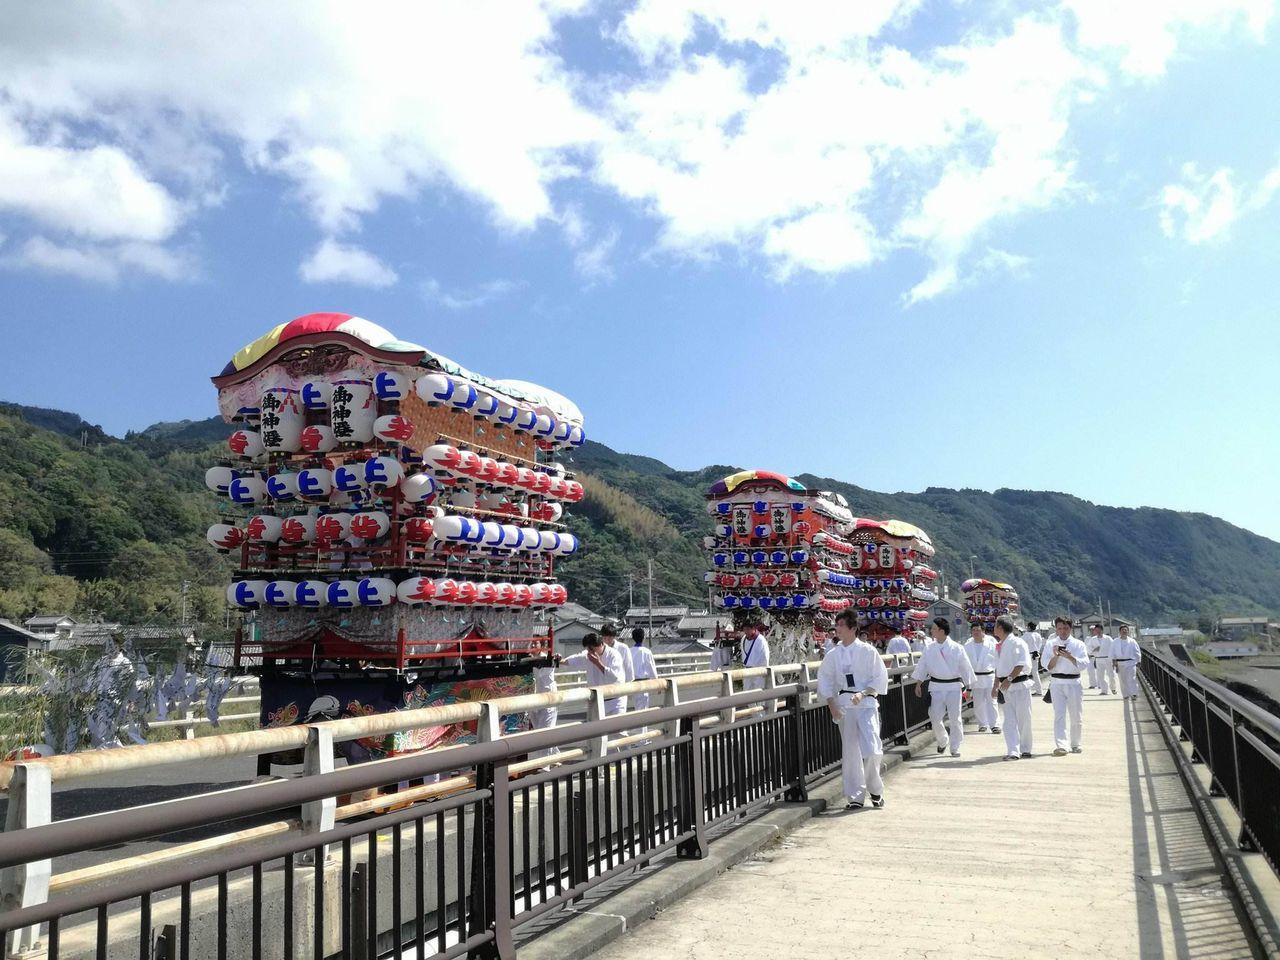 吉良川神祭りの花台が橋を渡る写真